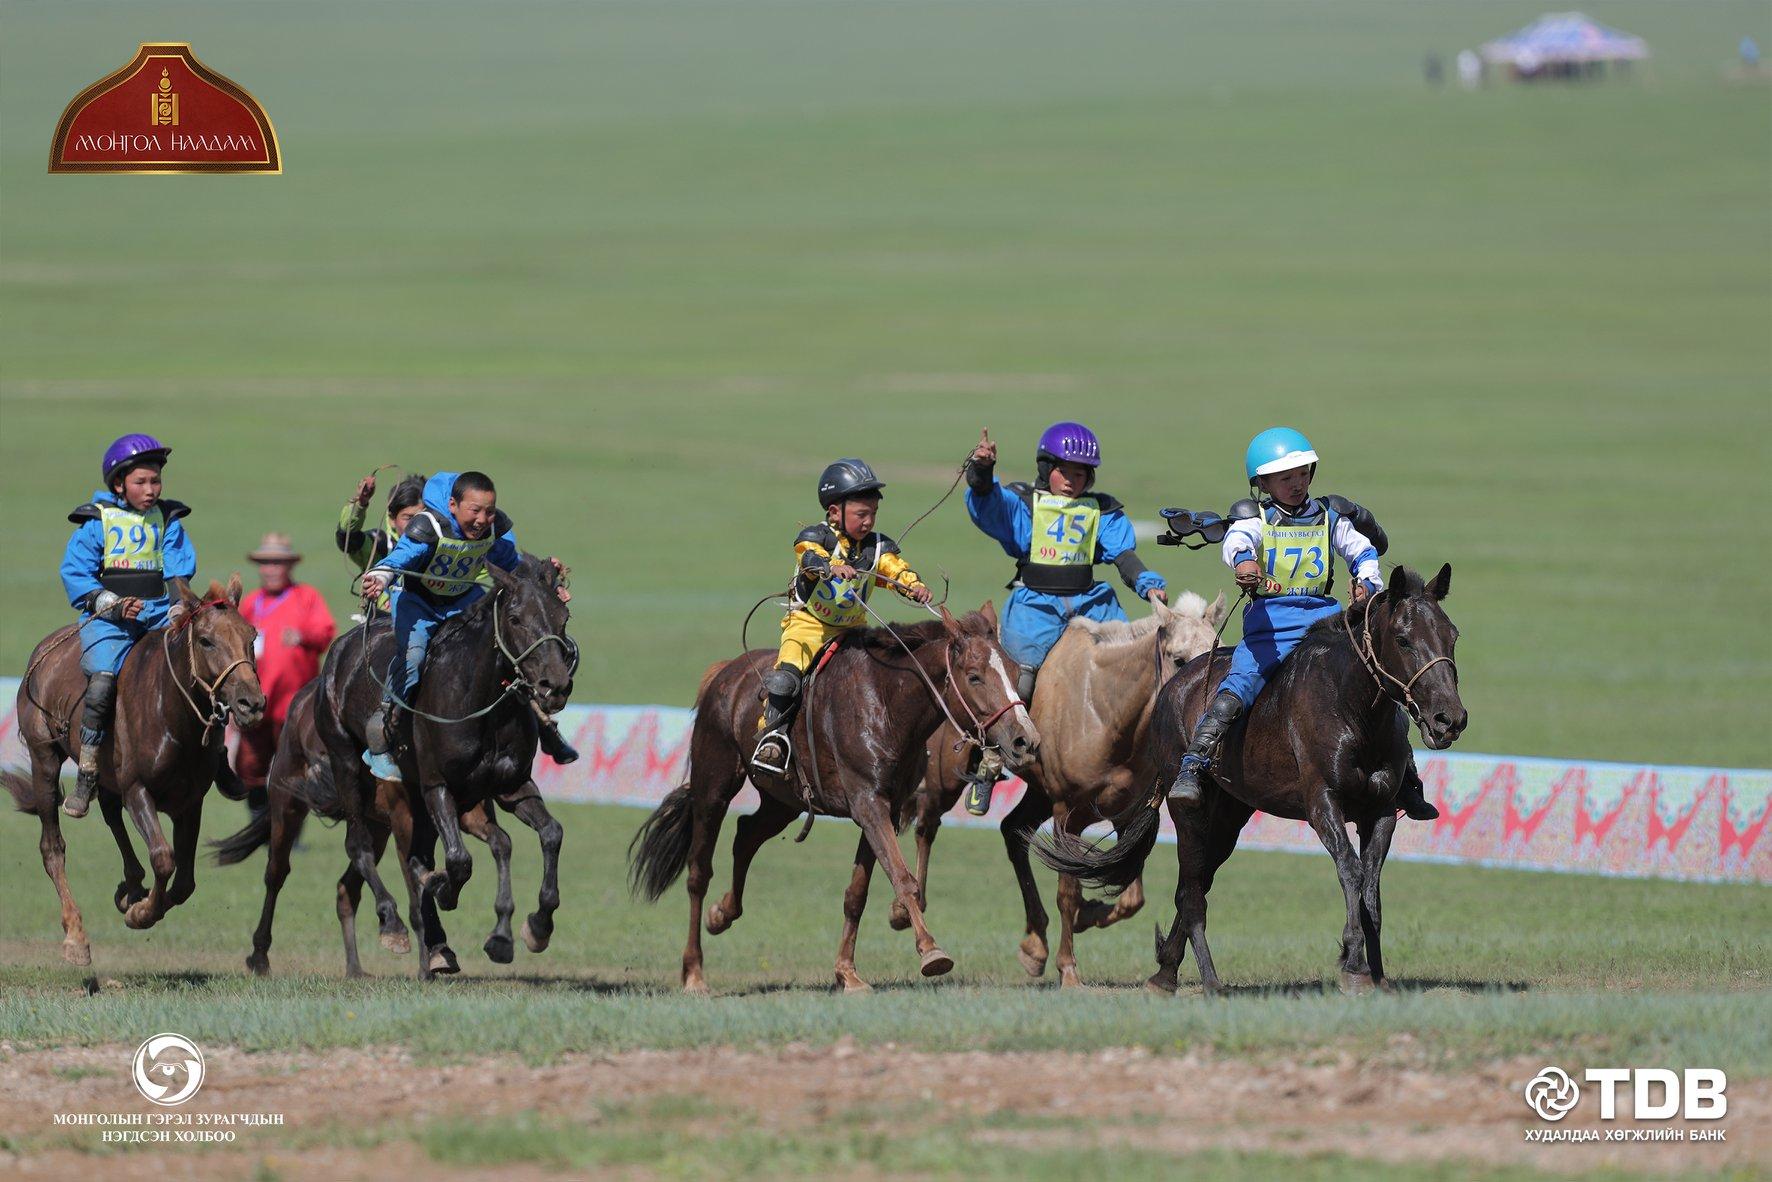 ФОТО: Соёолон насны морьдын уралдаан